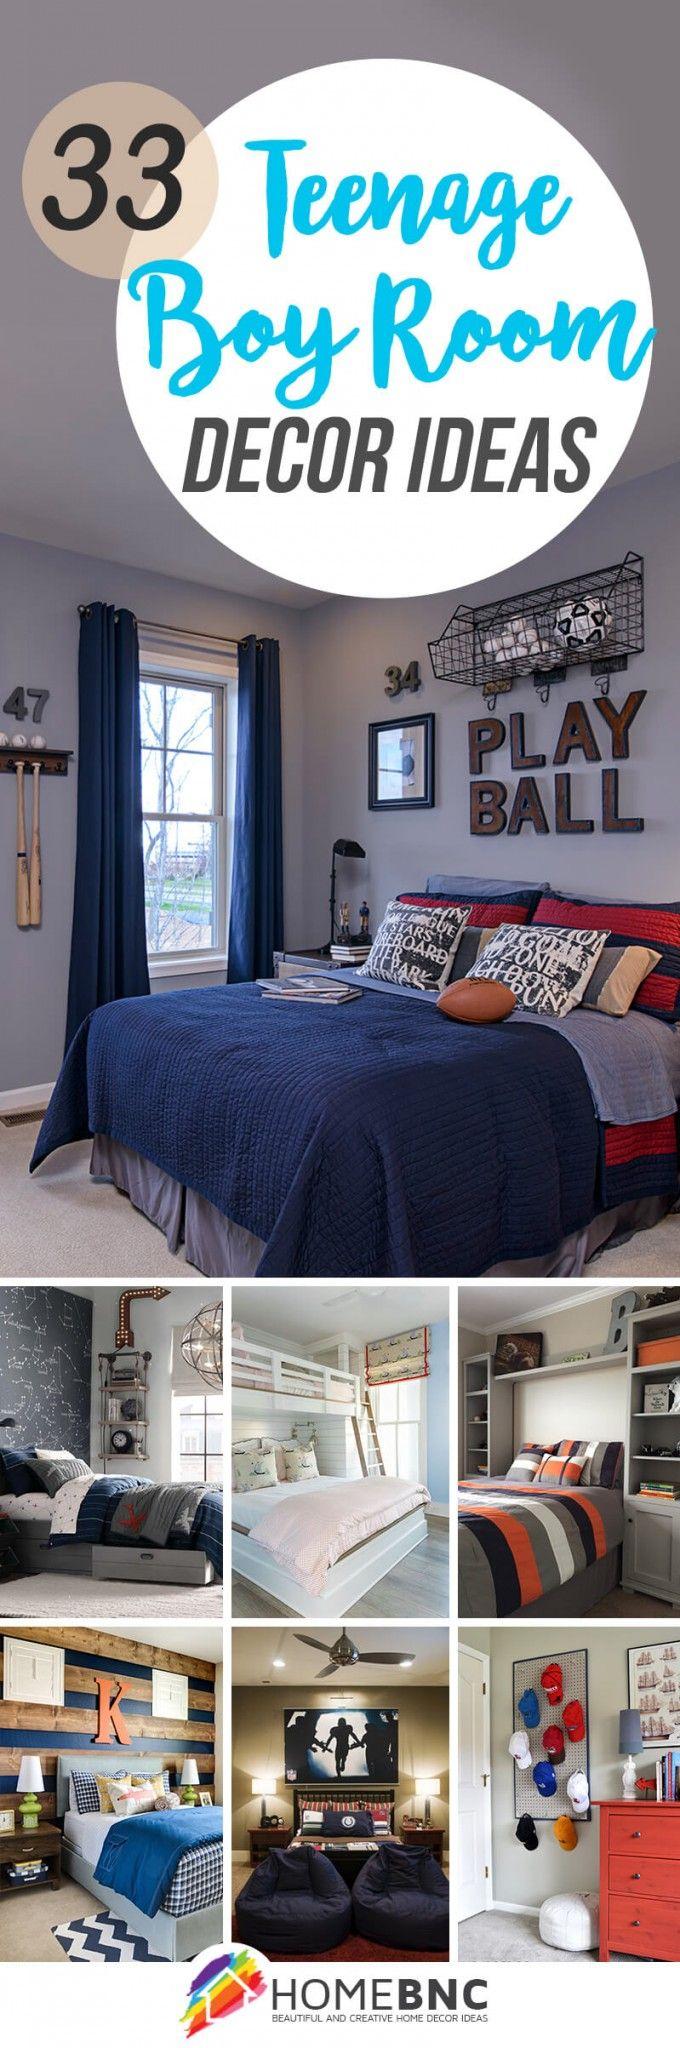 Cool Teen Church Rooms: Teenage Boy Room Design Ideas